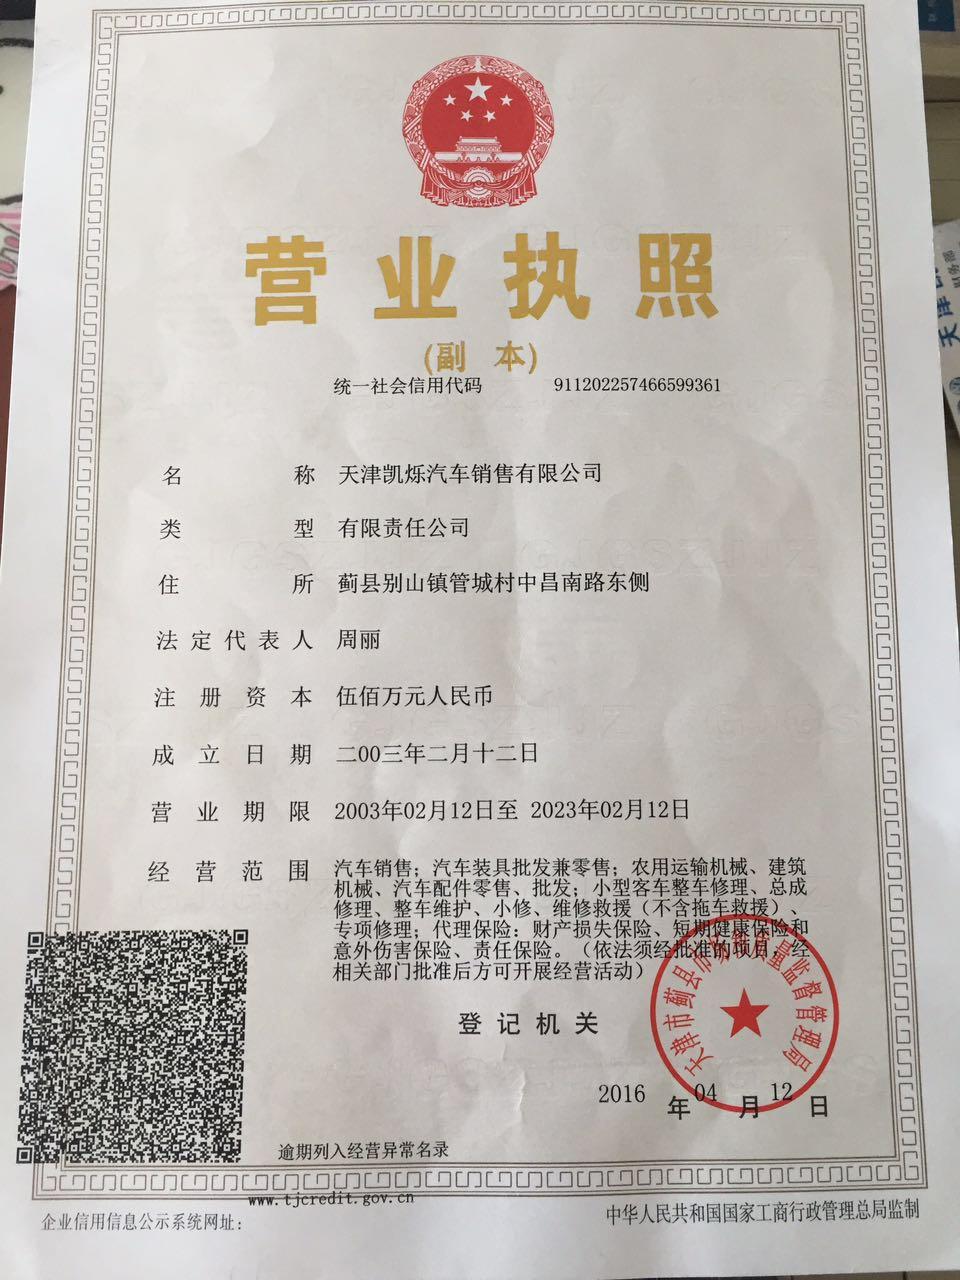 天津凯烁汽车销售有限公司